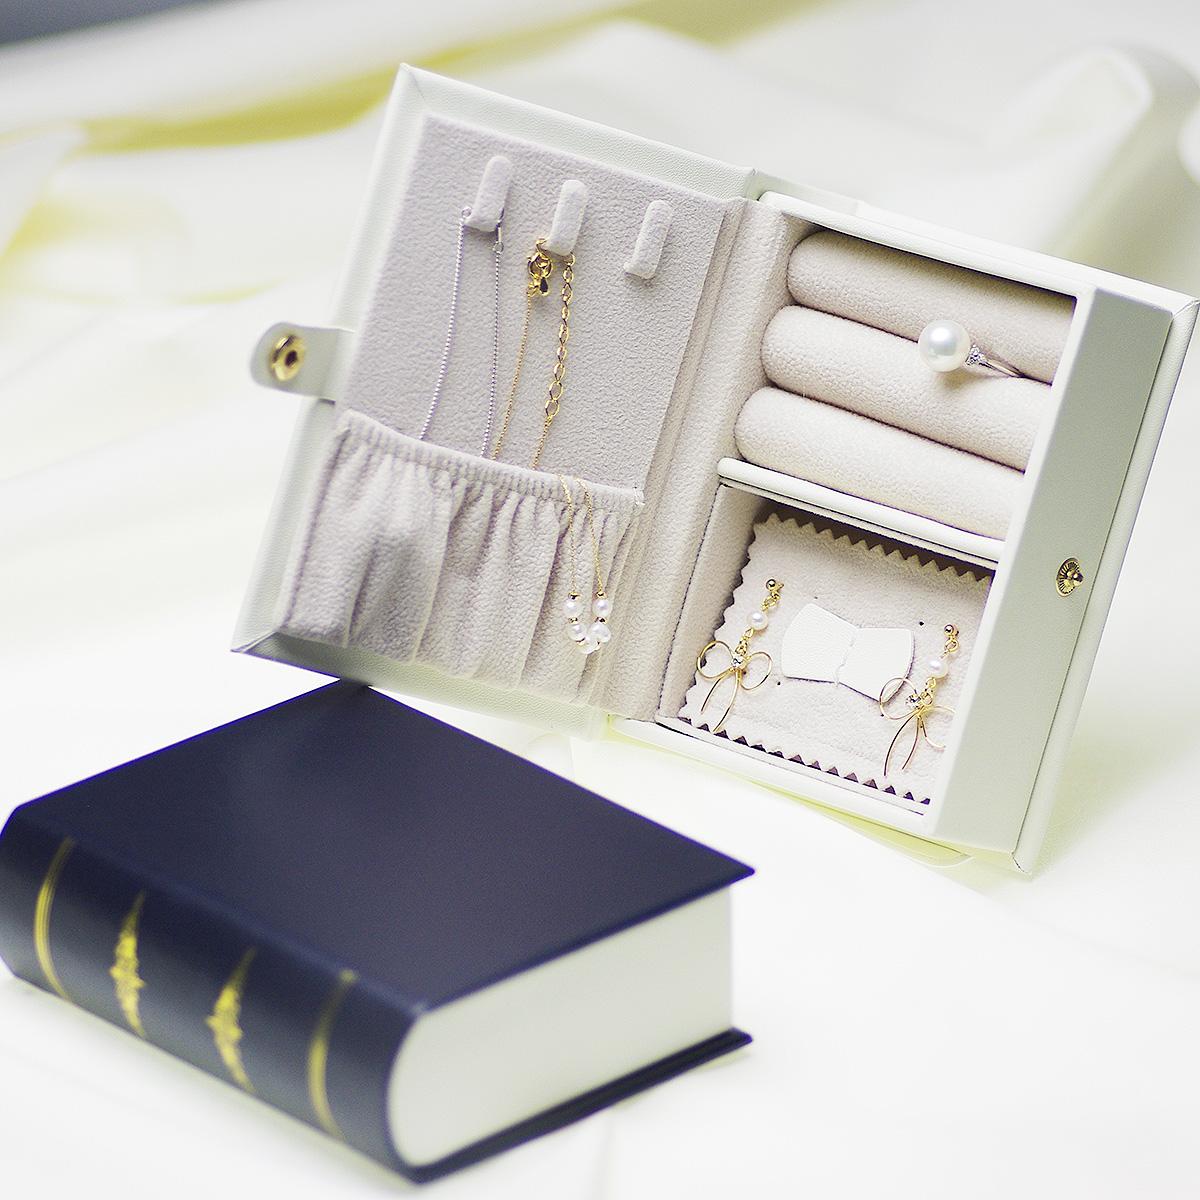 ブック型ジュエリーボックス  ジュエリーケース 大容量  アクセサリーボックスの写真